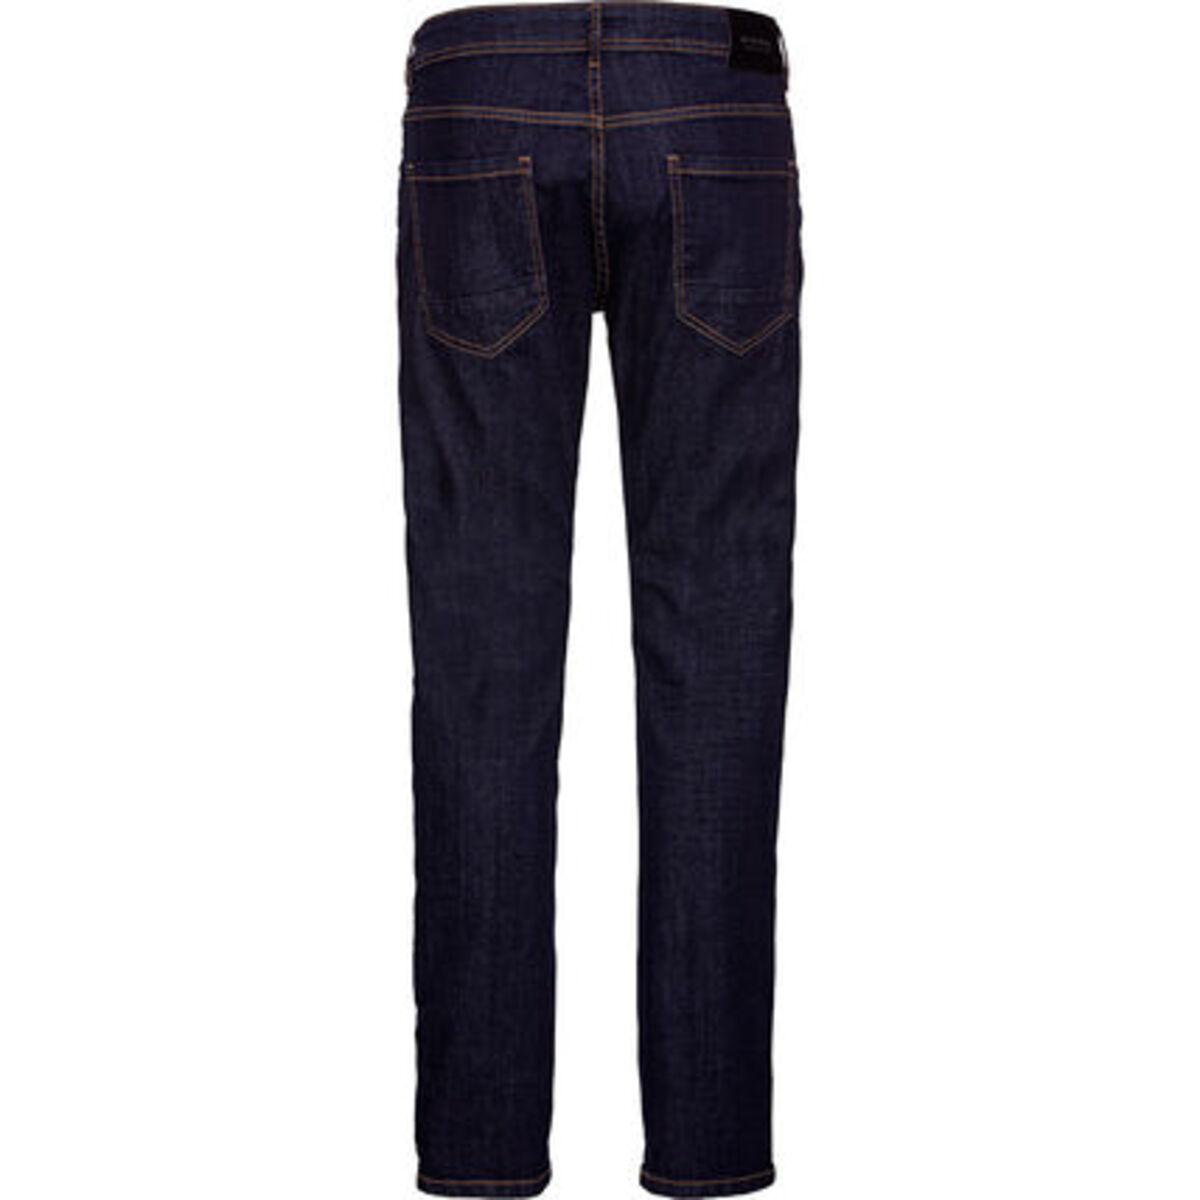 Bild 2 von MANGUUN Jeans, 1/1, Slim Fit, Waschung, für Herren